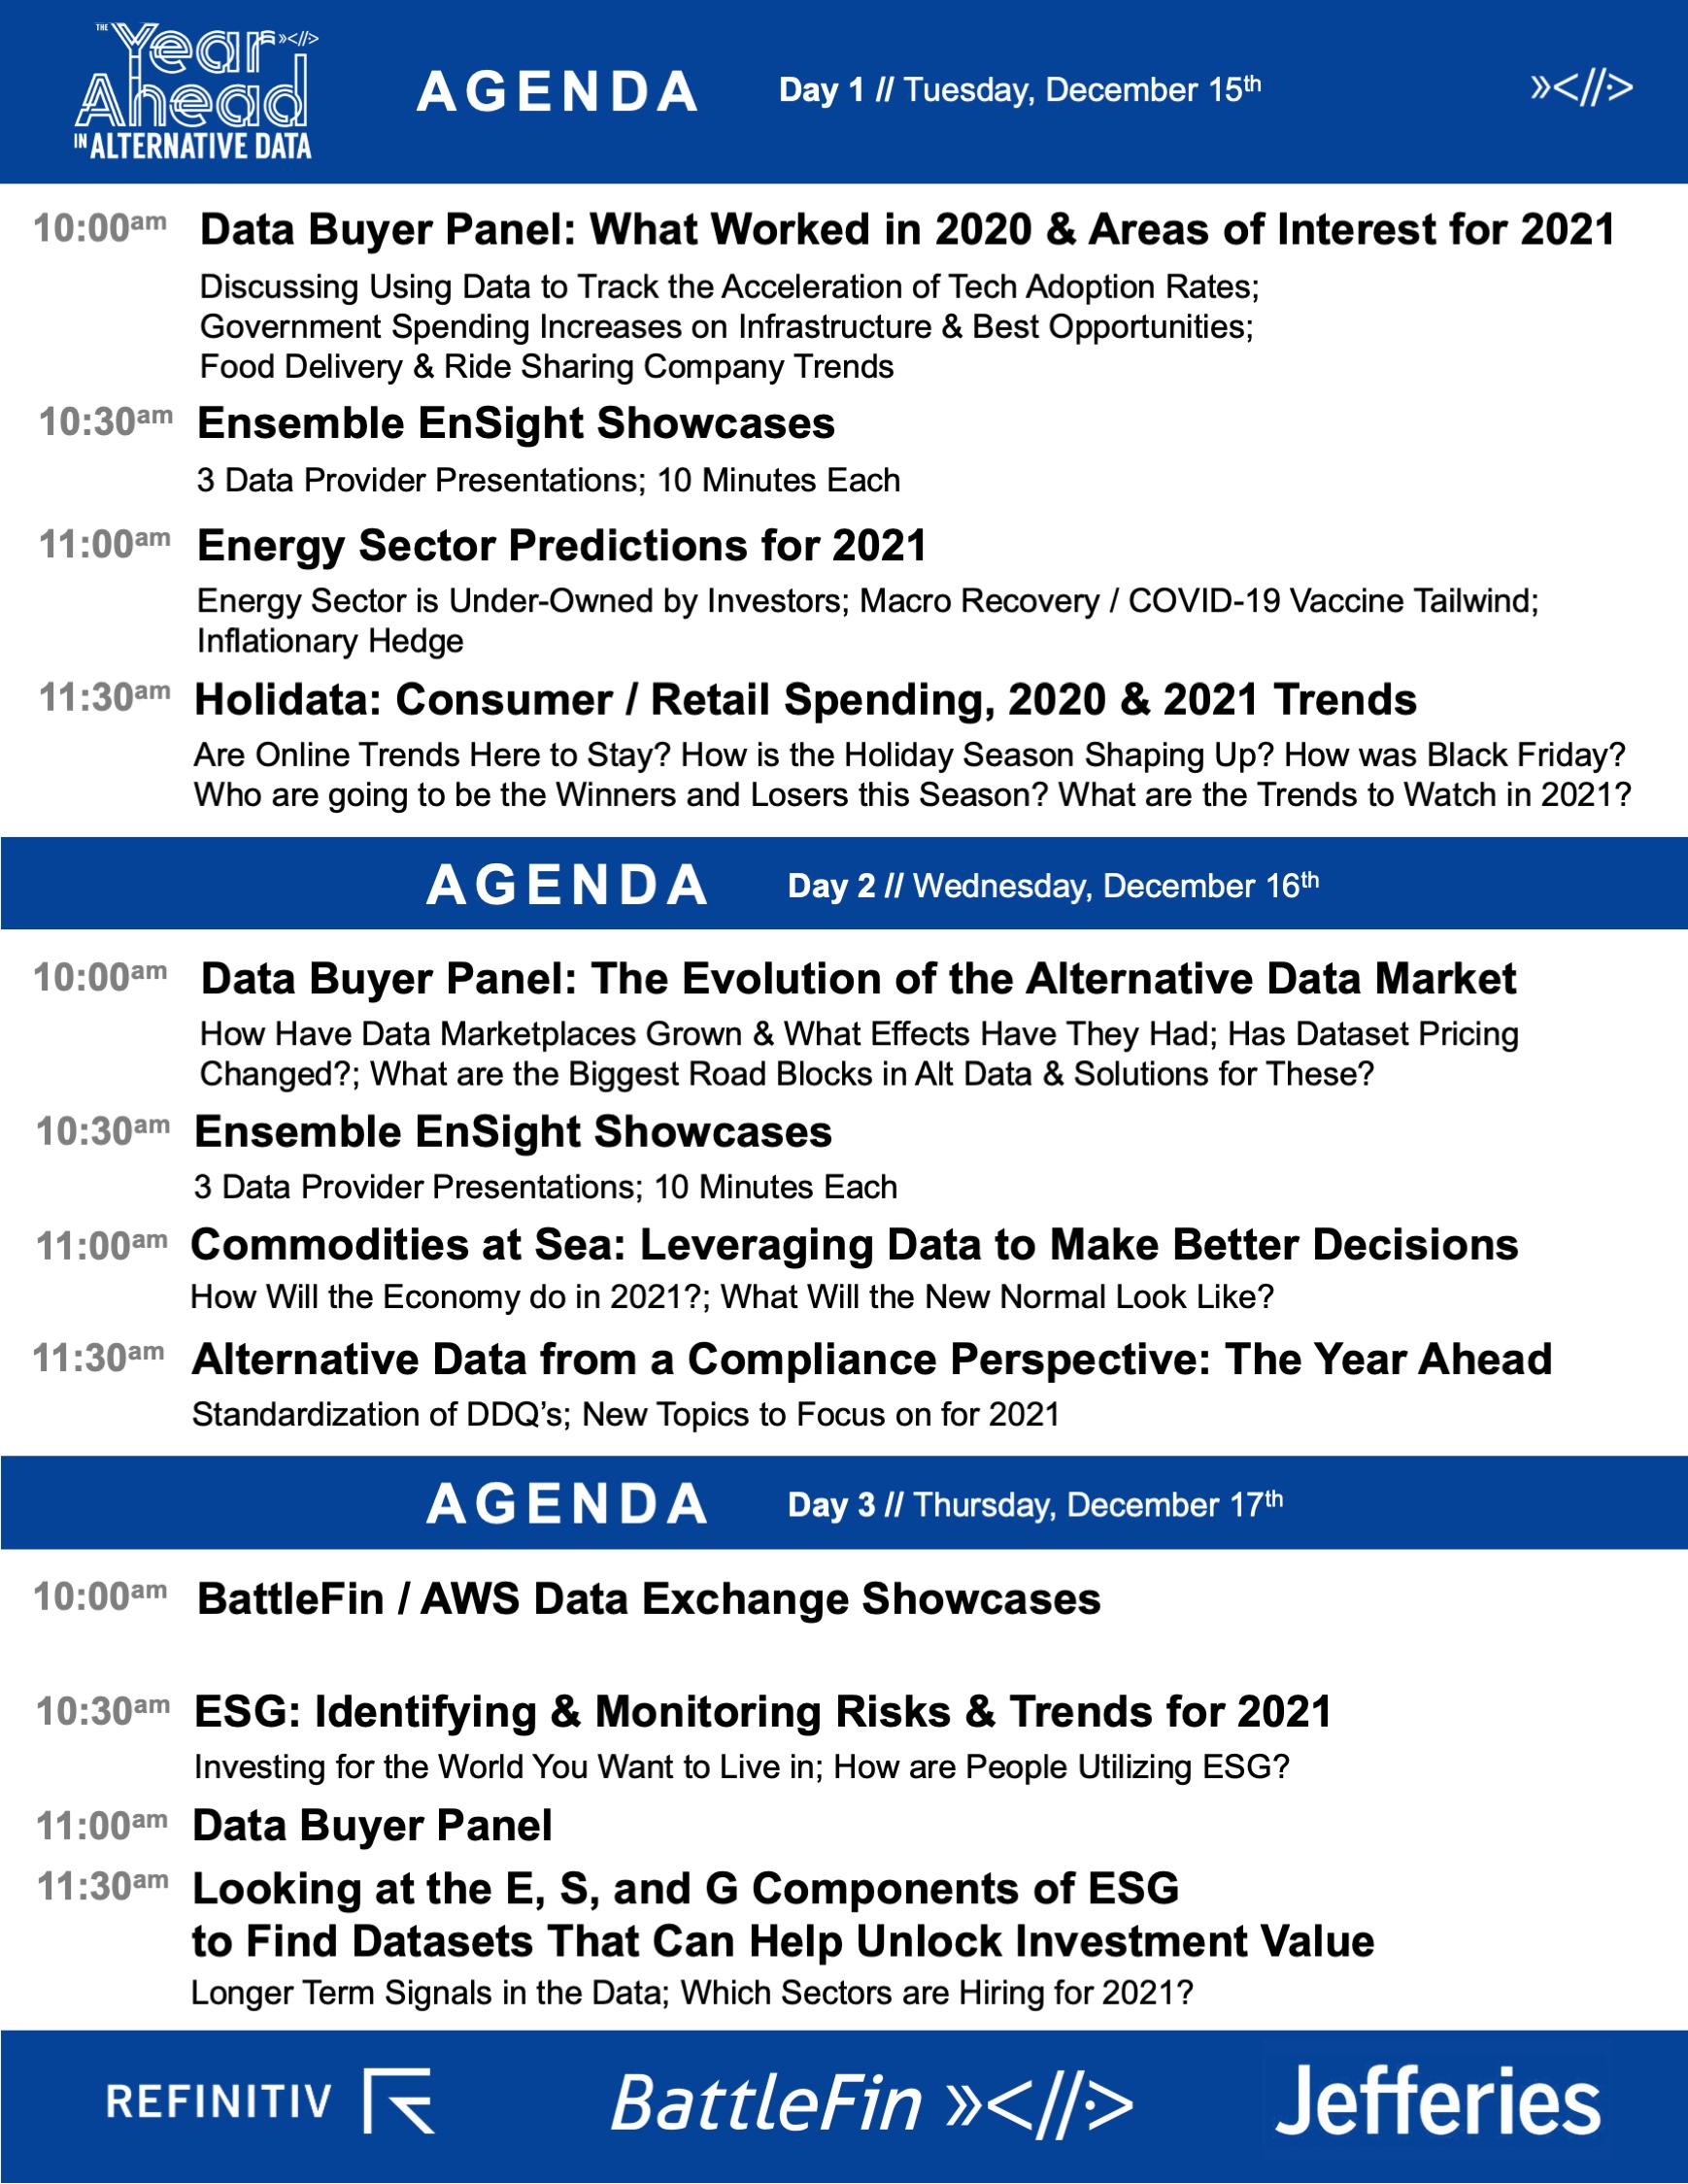 VDD December 2020 Agenda